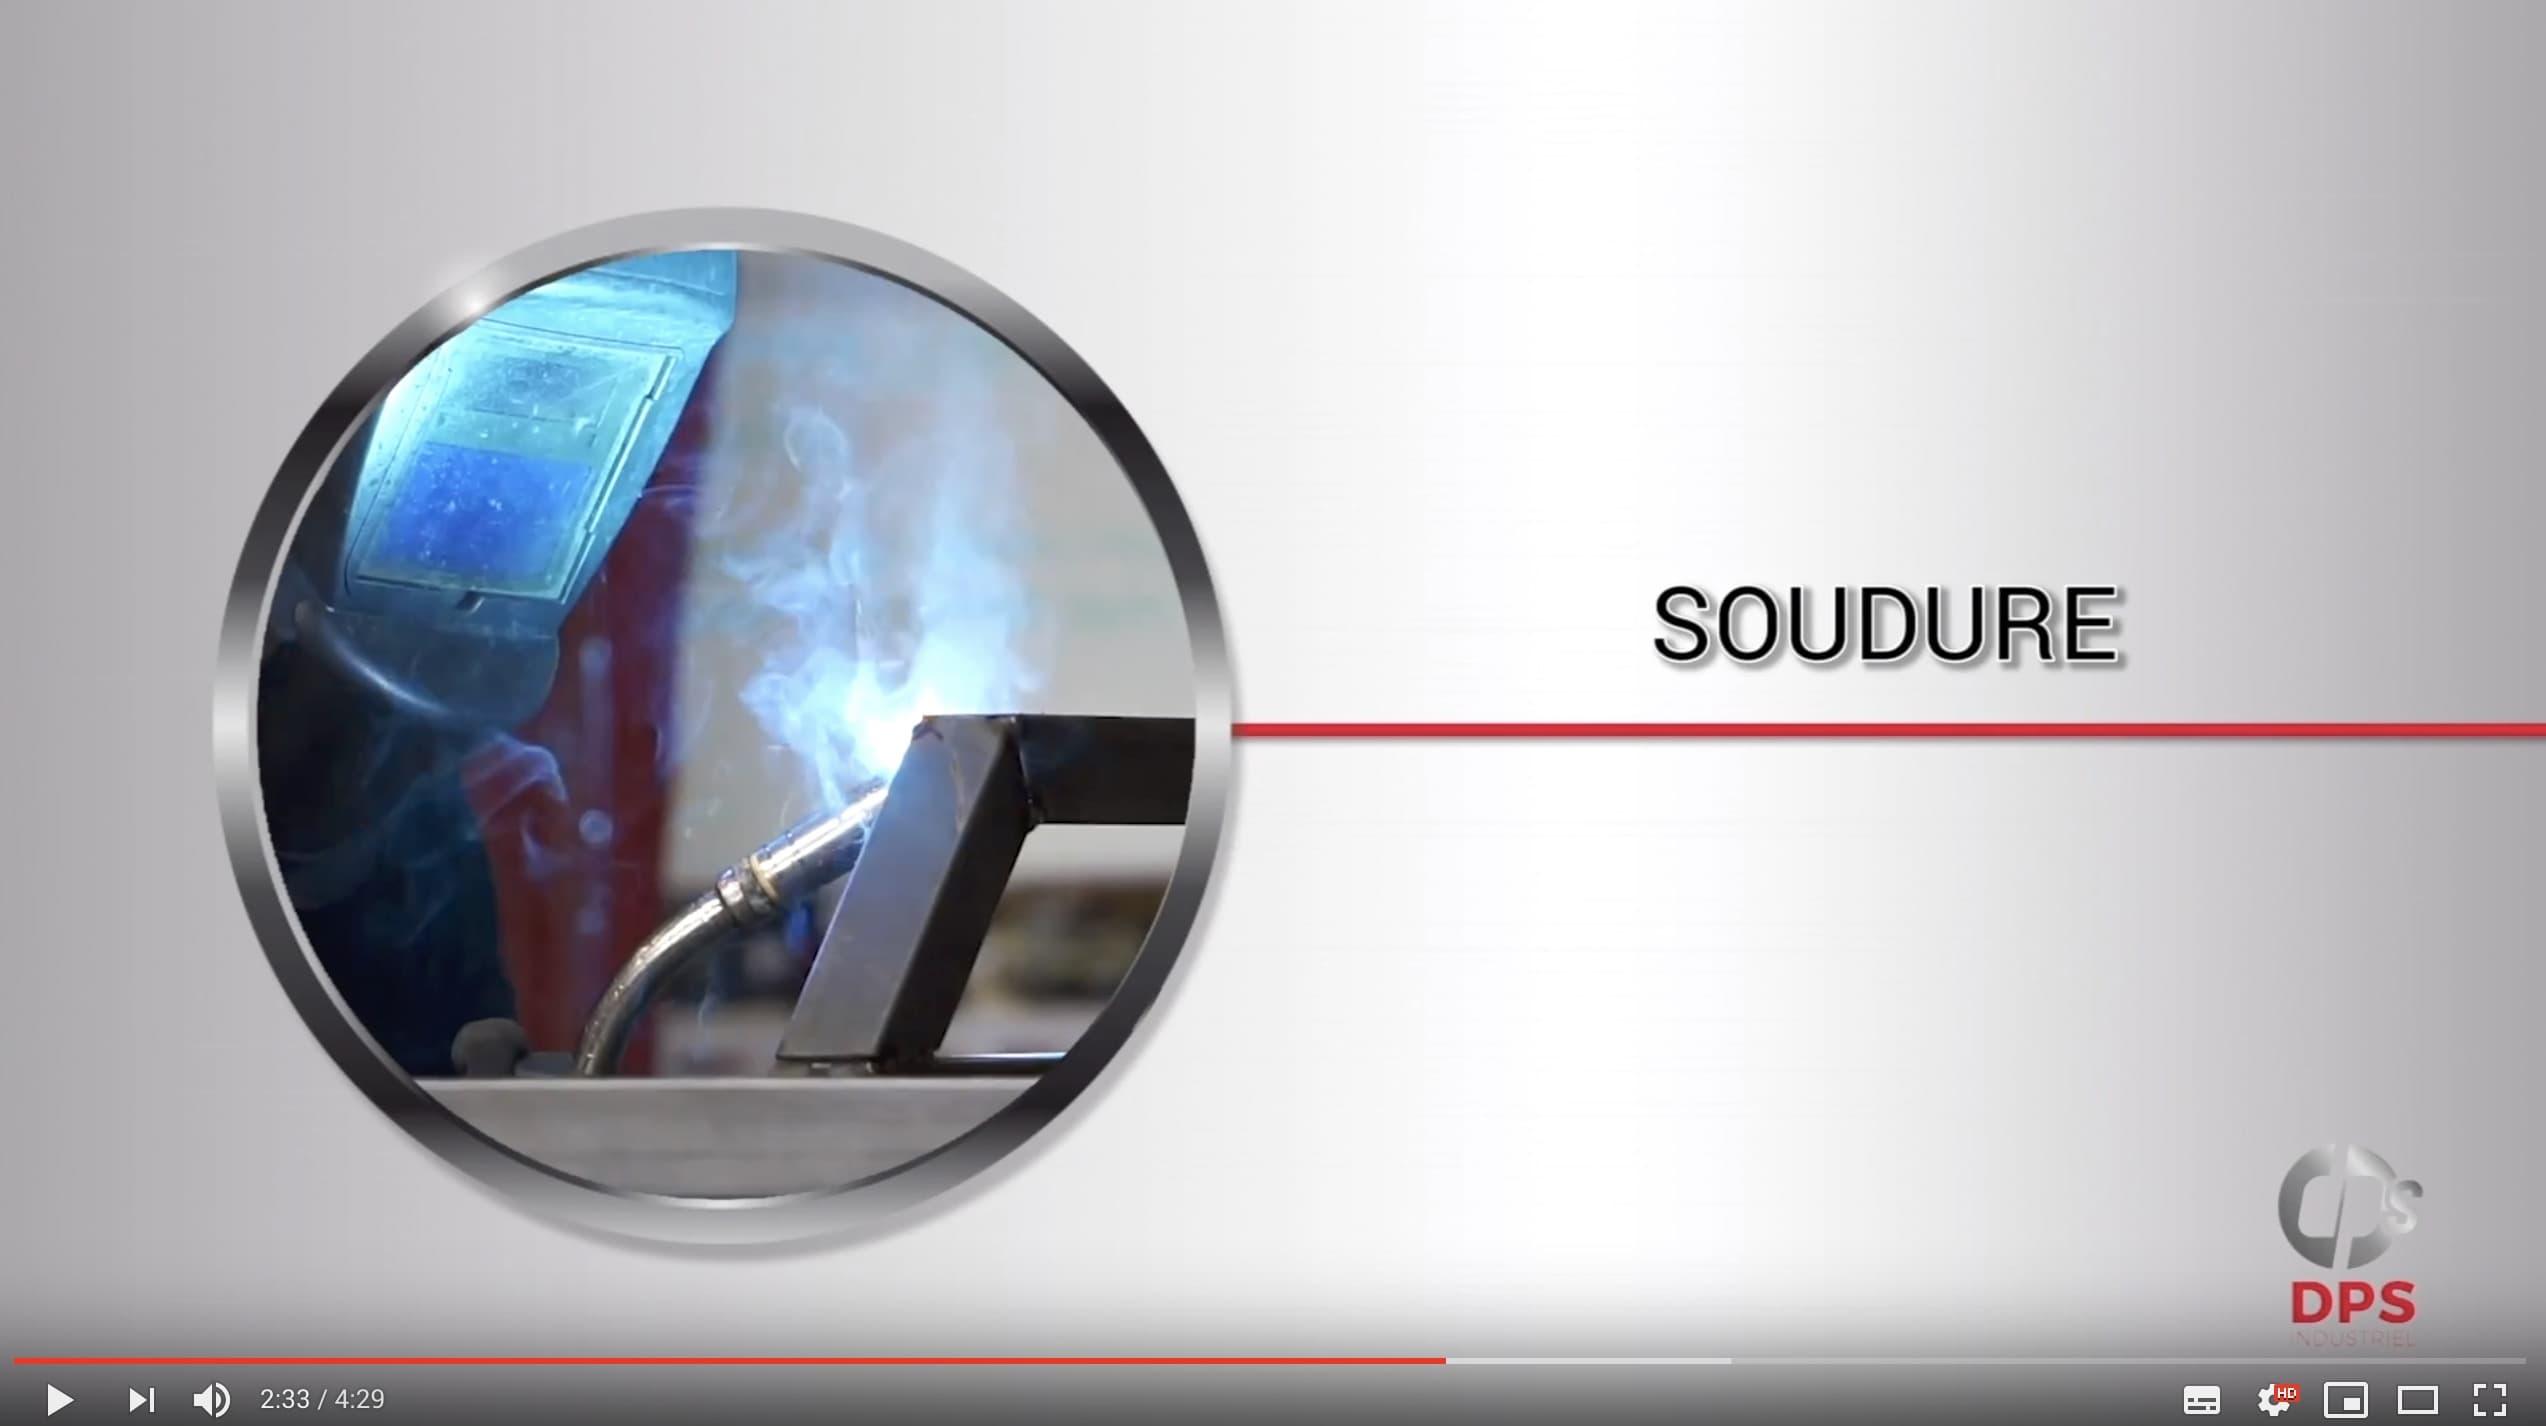 Vidéo de présentation d'entreprise : Shooting vidéo et montage de la vidéo à Blagnac, Toulouse, Haute-Garonne, Occitanie.